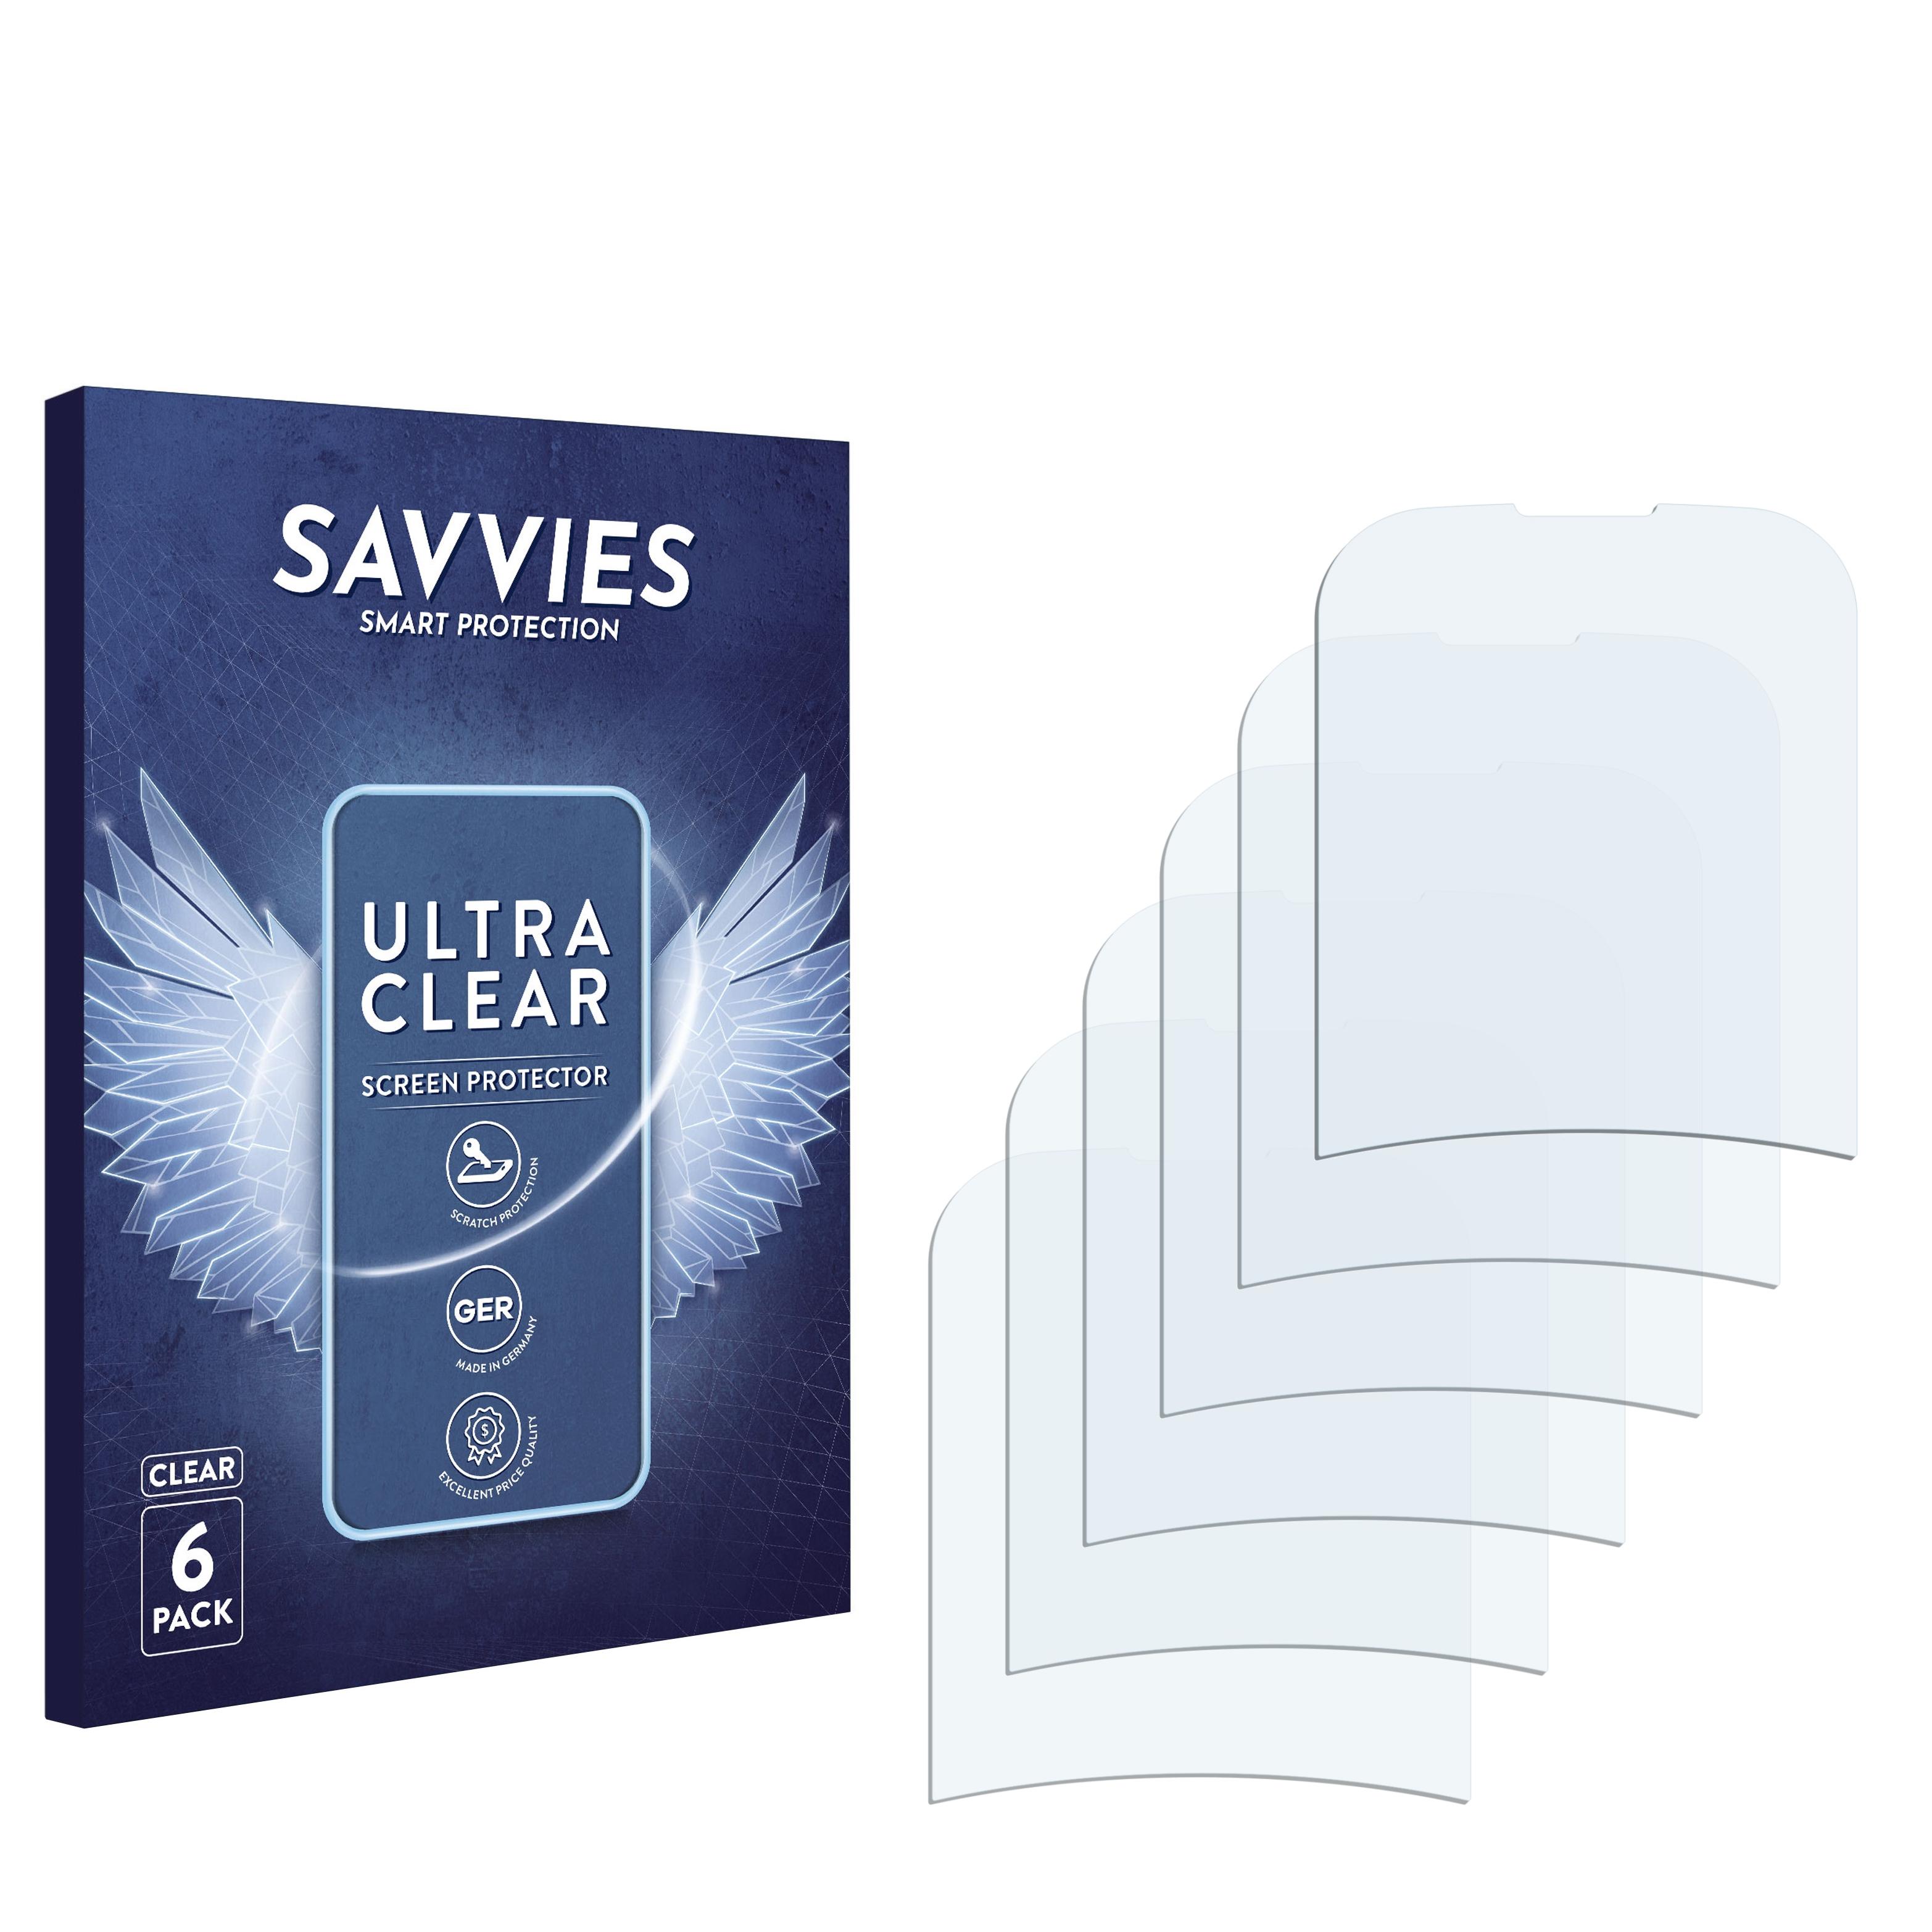 Ochranná fólie Savvies na LG Electronics LG102, 6ks